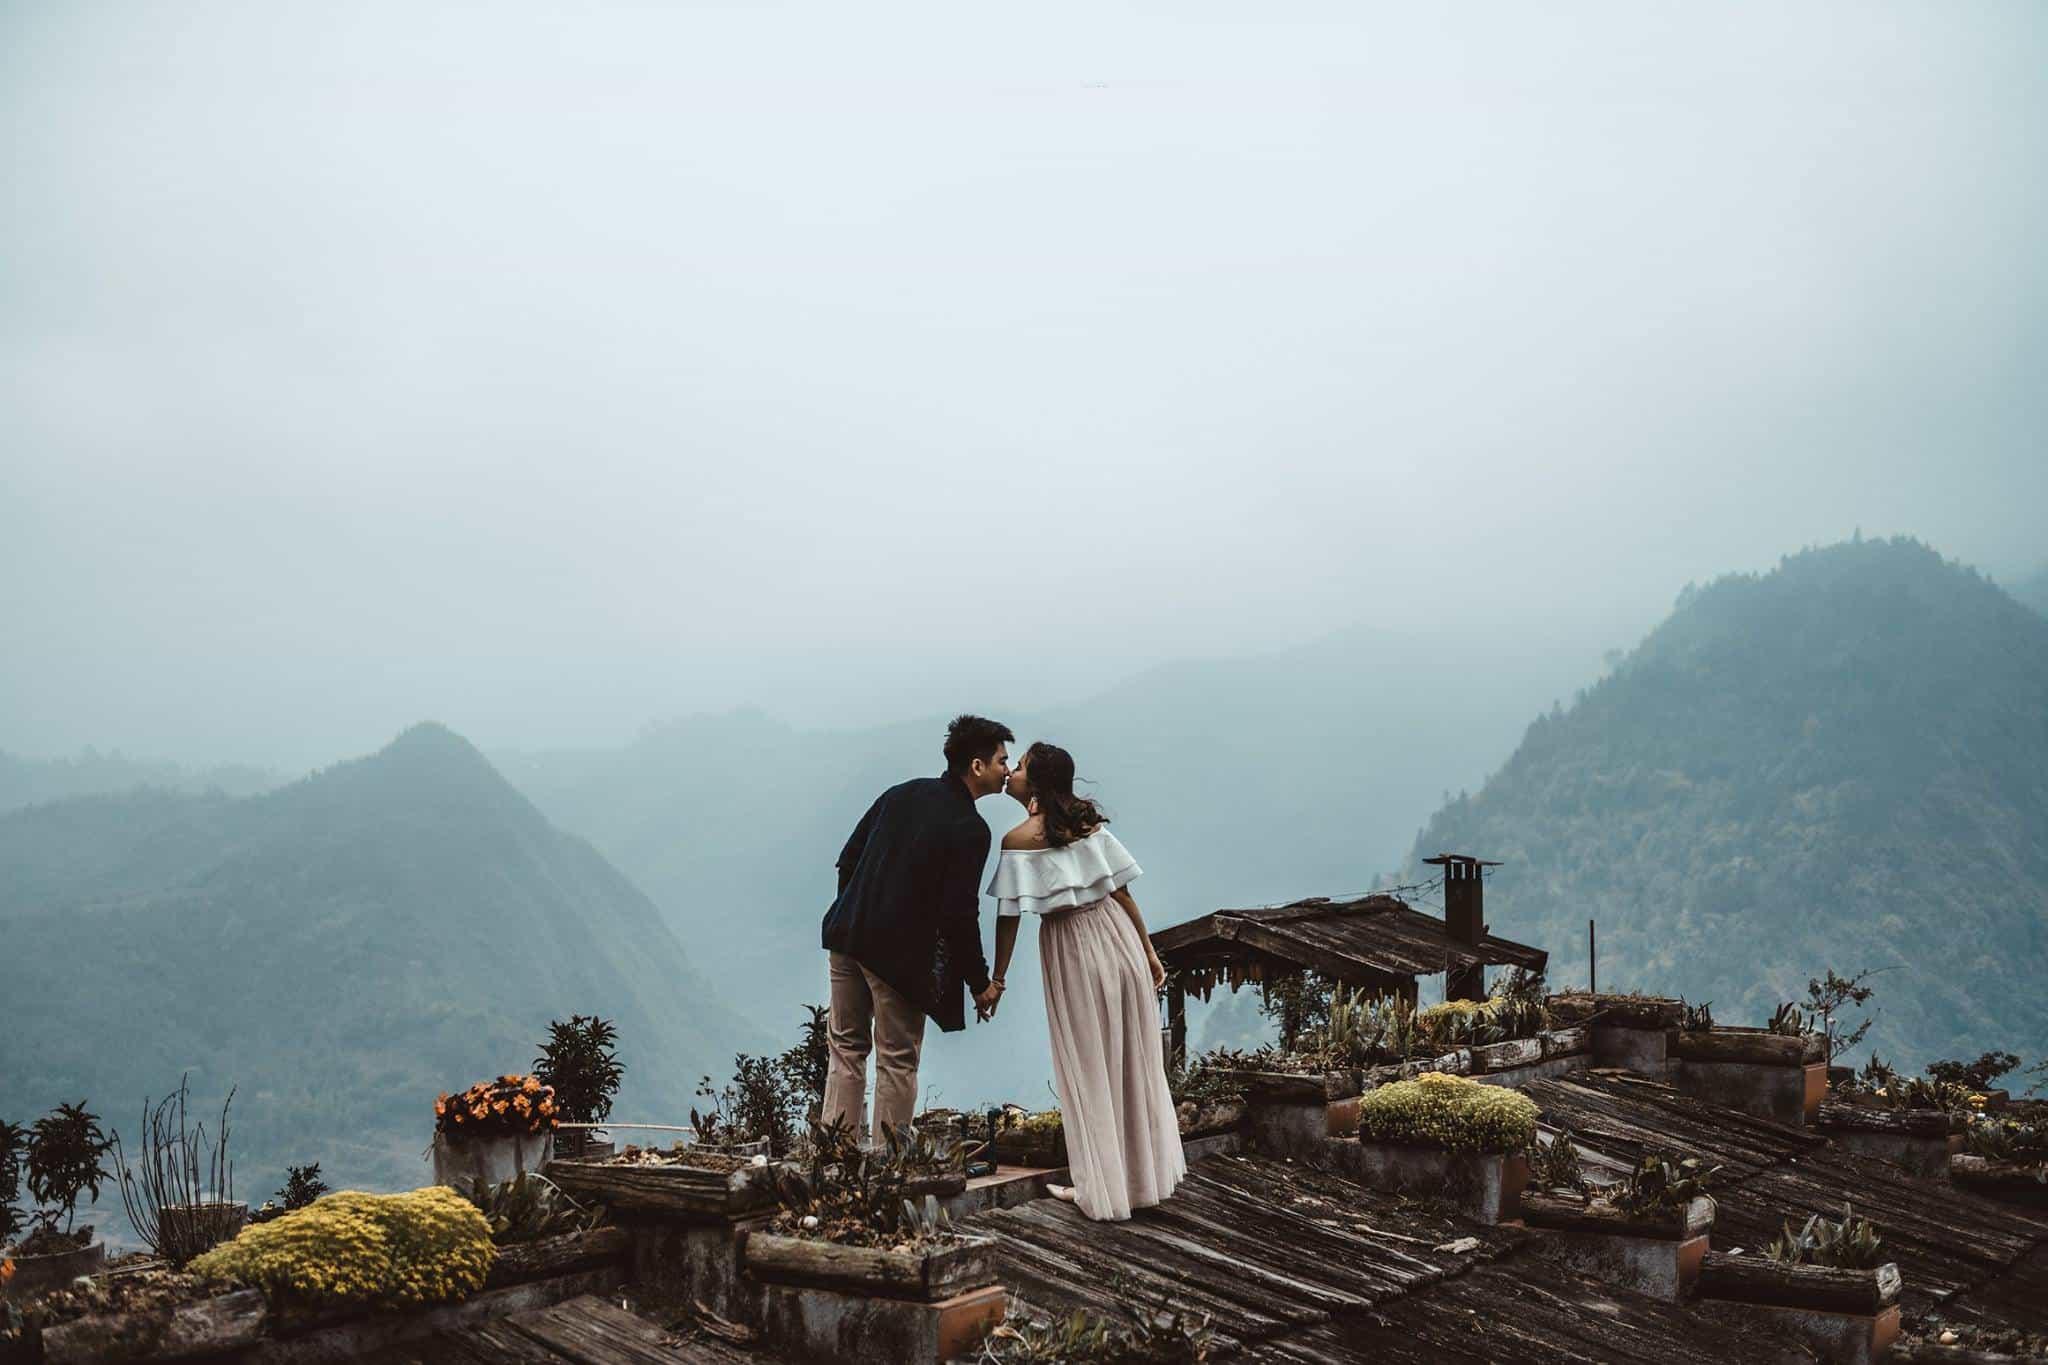 Thành phố sương mù Sapa - điểm đến lý tưởng cho vợ chồng mới cưới. Hình: Tạp chí ảnh M & G